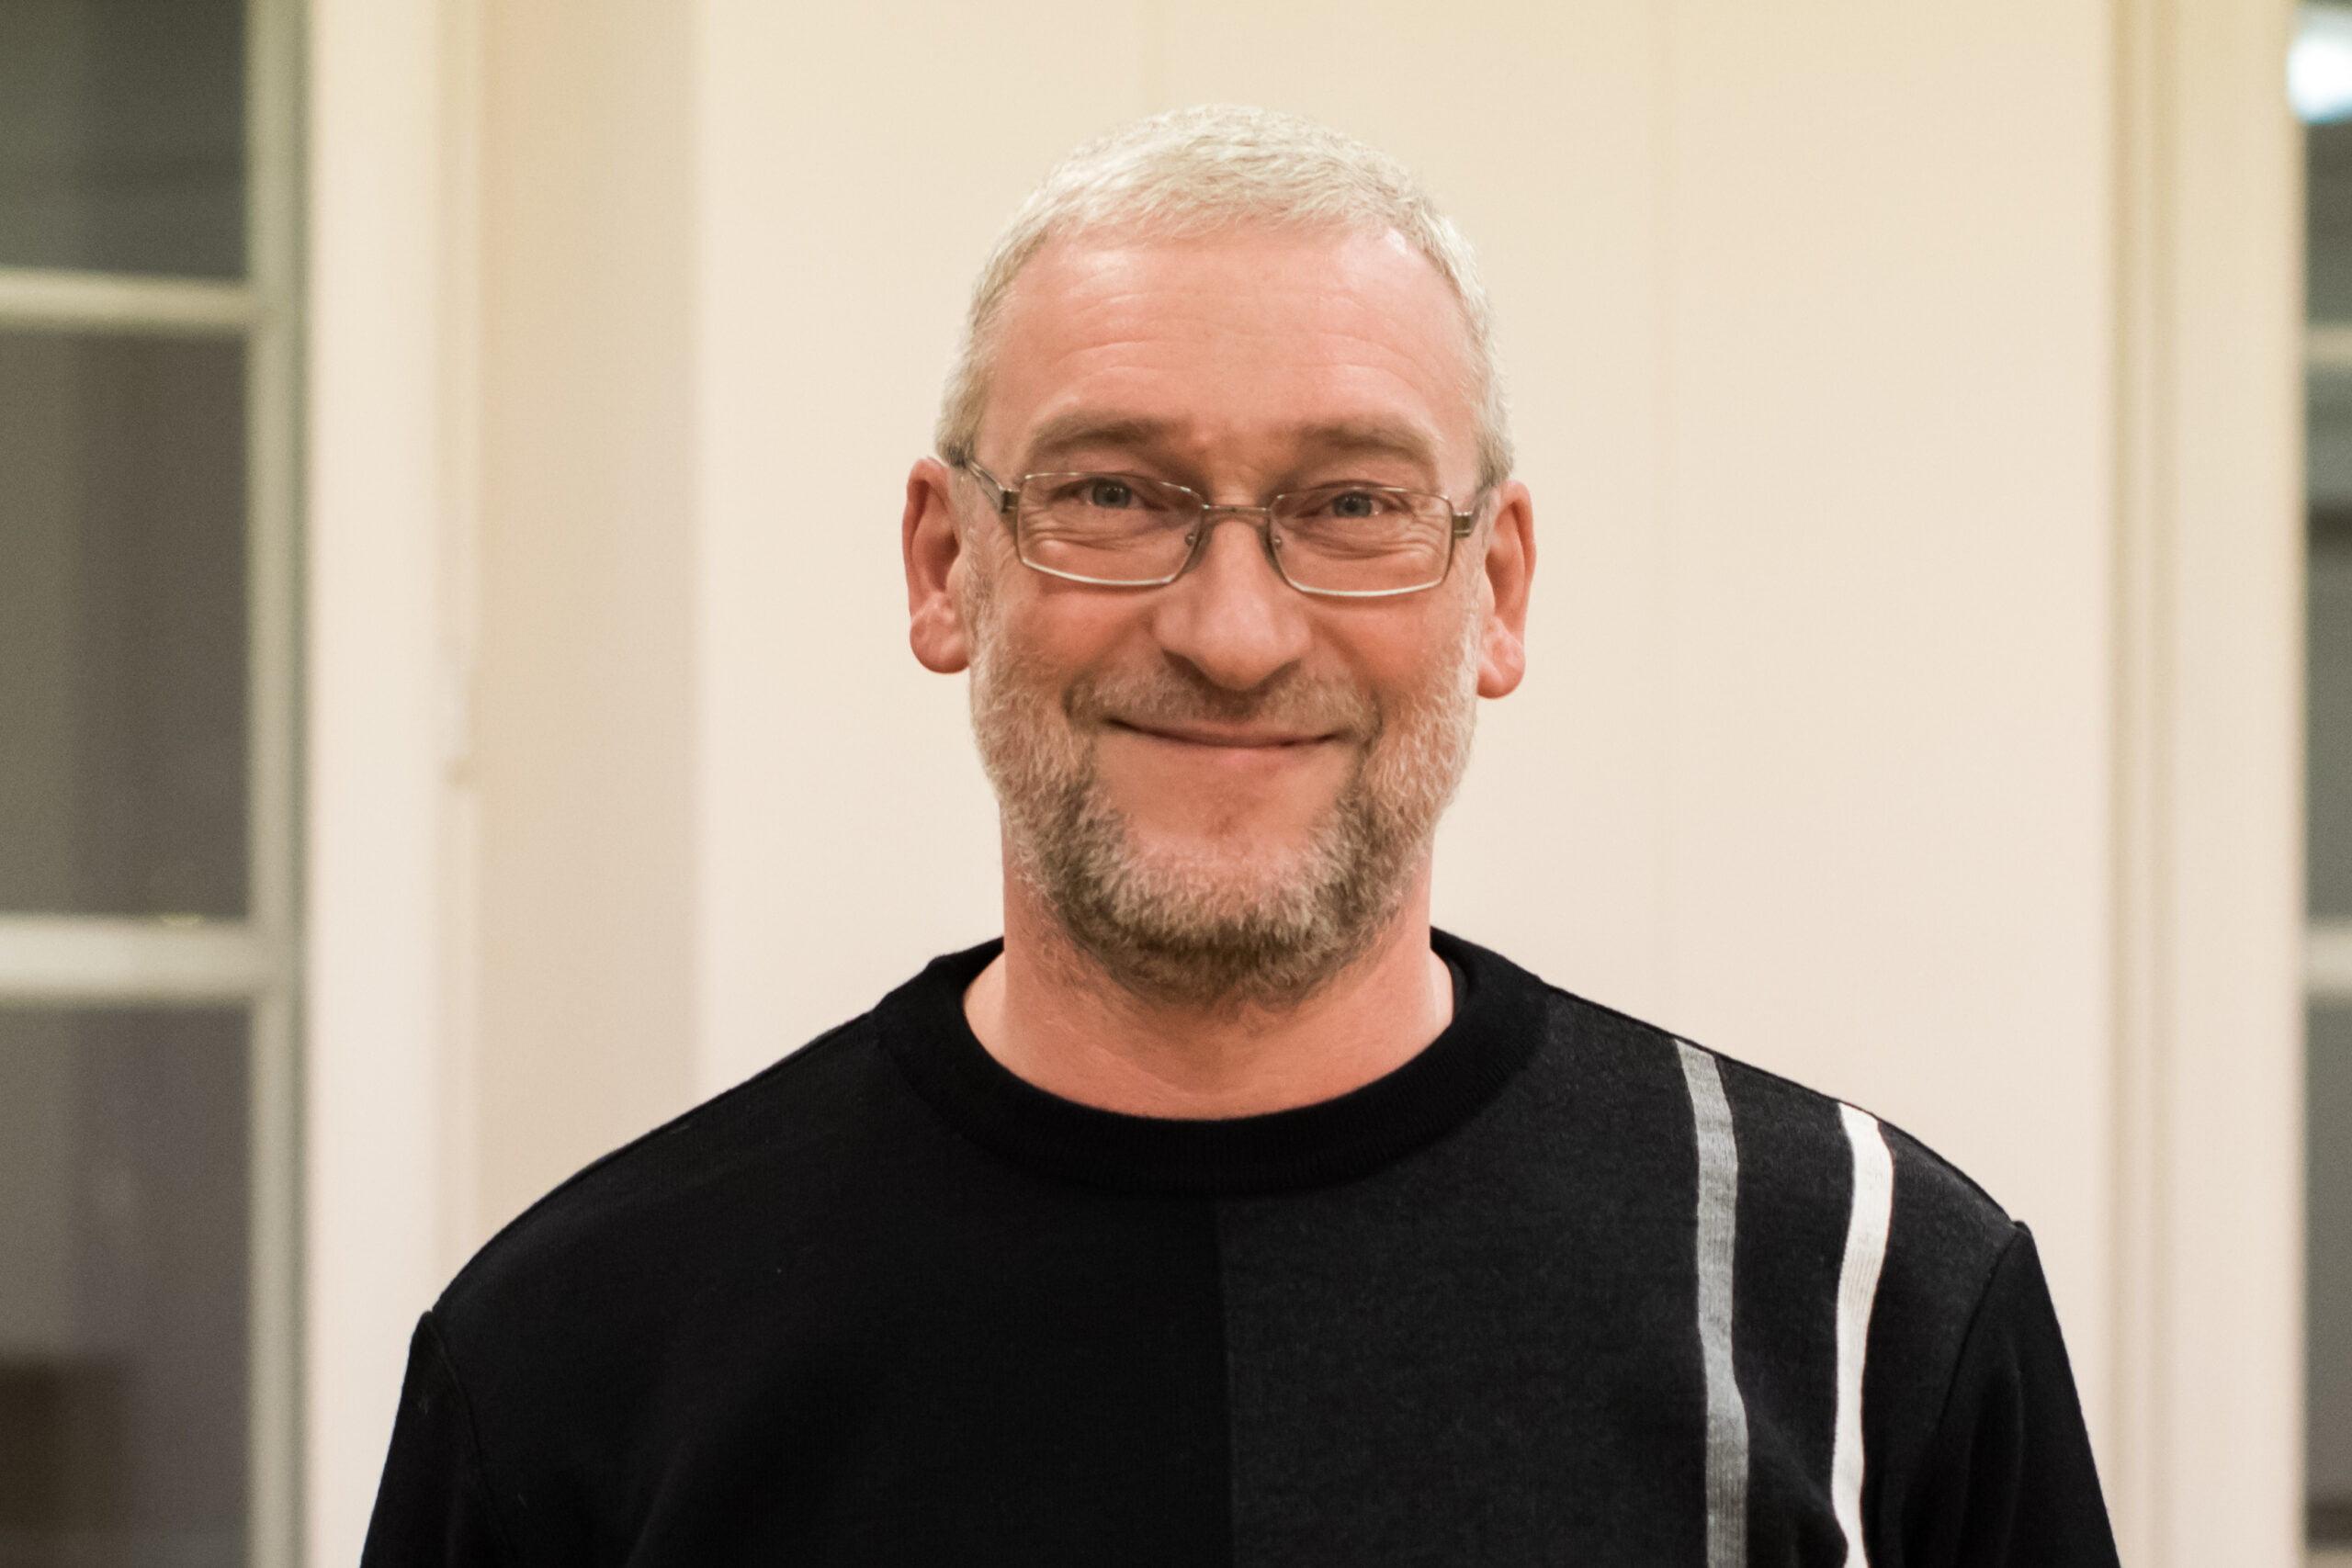 Raimundas Kukanauskas